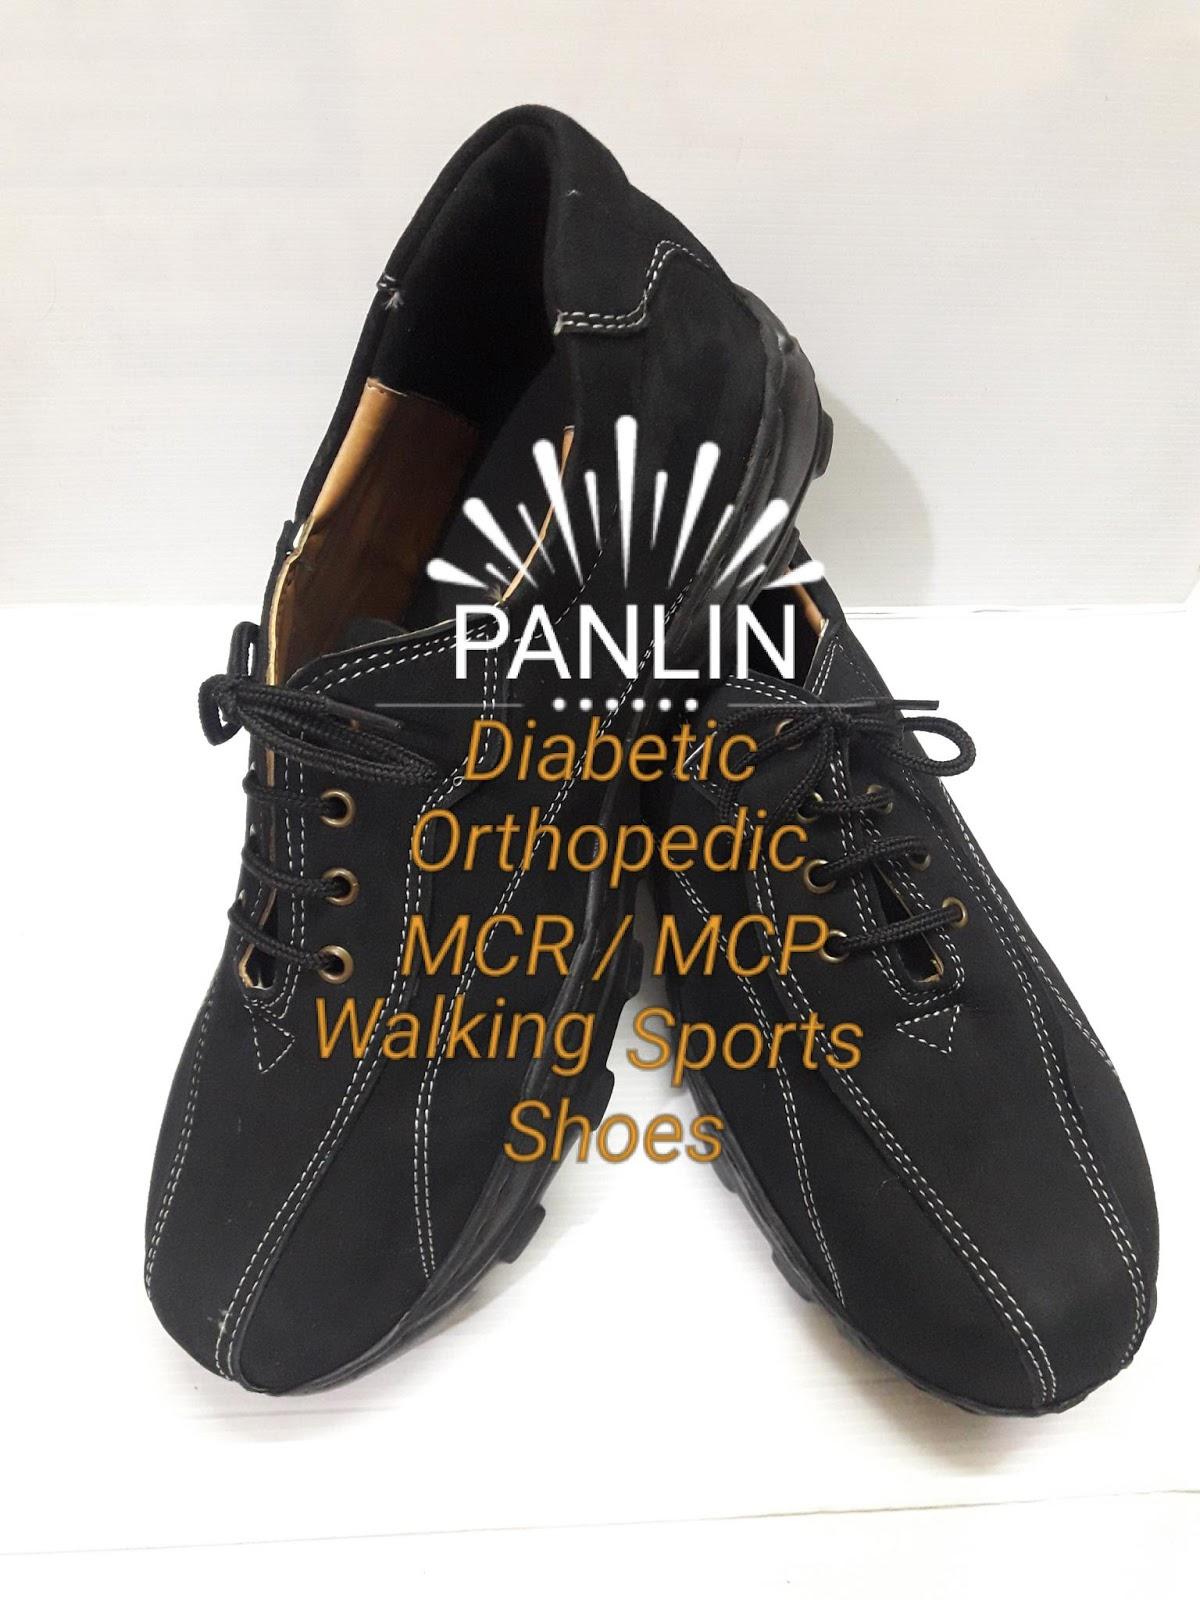 24 Mar 2019 Panlin Footwear Introduces Orthopaedic Diabetic Mcp